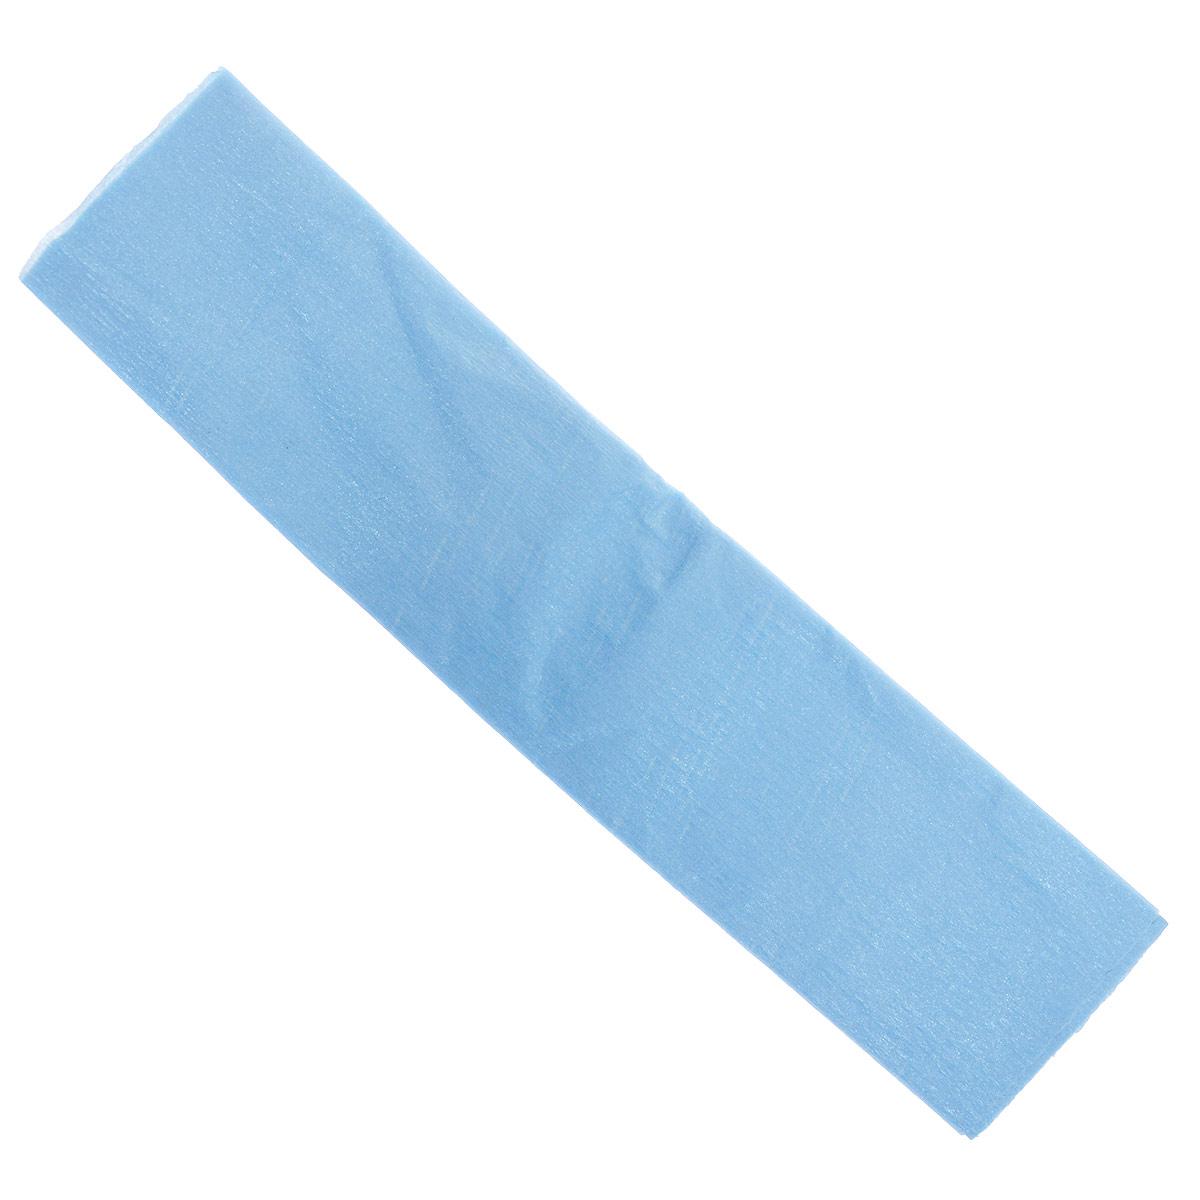 Крепированная бумага Hatber, перламутровая, цвет: голубой, 5 см х 25 смAFD-3/10Цветная крепированная бумага Hatber - отличный вариант для развития творчества вашего ребенка. Бумага с фактурным покрытием очень гибкая и мягкая, из нее можно создавать чудесные аппликации, игрушки, подарки и объемные поделки. Цветная крепированная бумага Hatber способствует развитию фантазии, цветовосприятия и мелкой моторики рук. Размер бумаги - 5 см х 25 см.